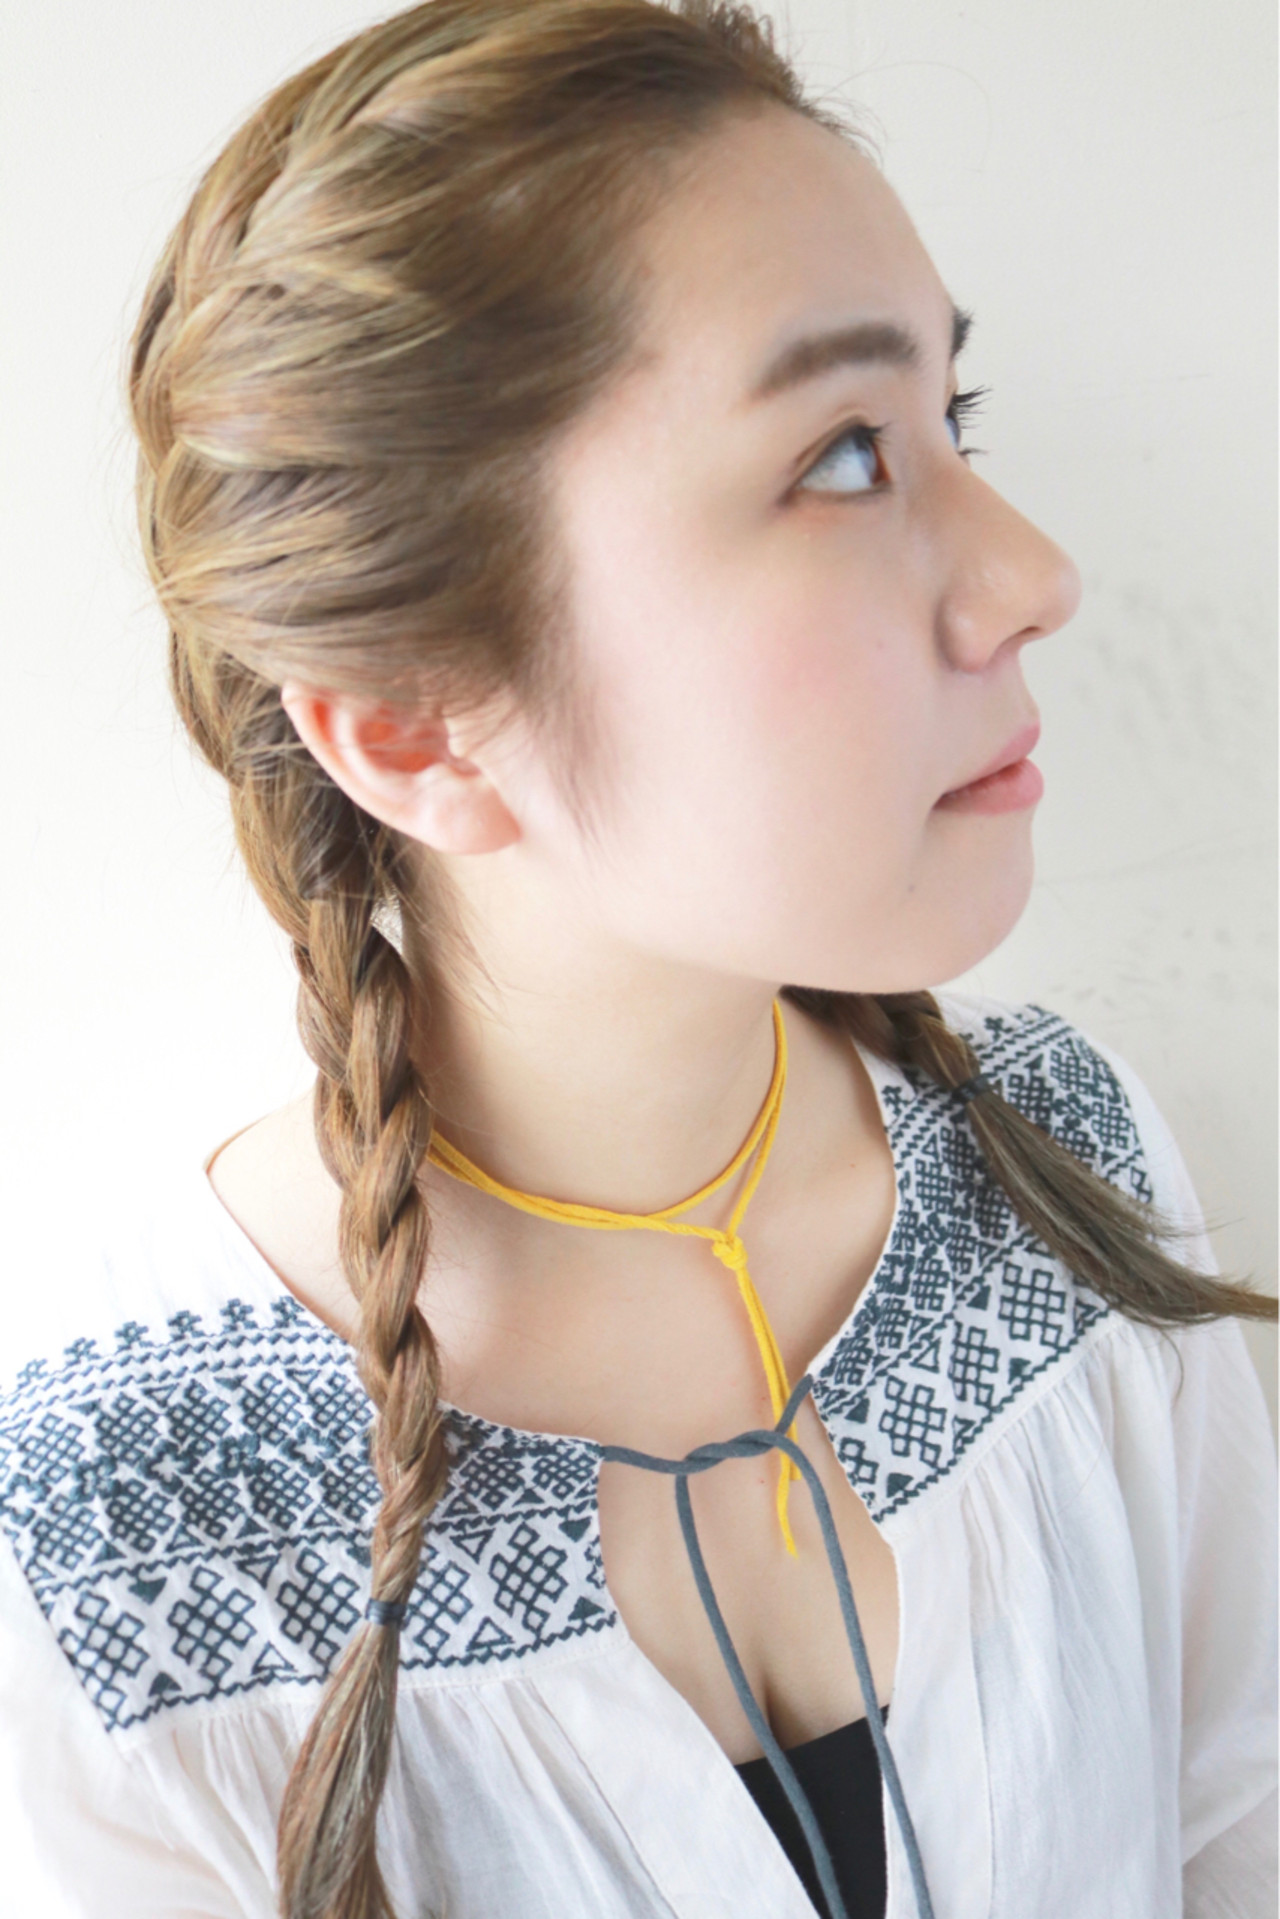 好印象をGETしたい!初心者でもできる前髪ヘアアレンジ chiaki / magnet hair